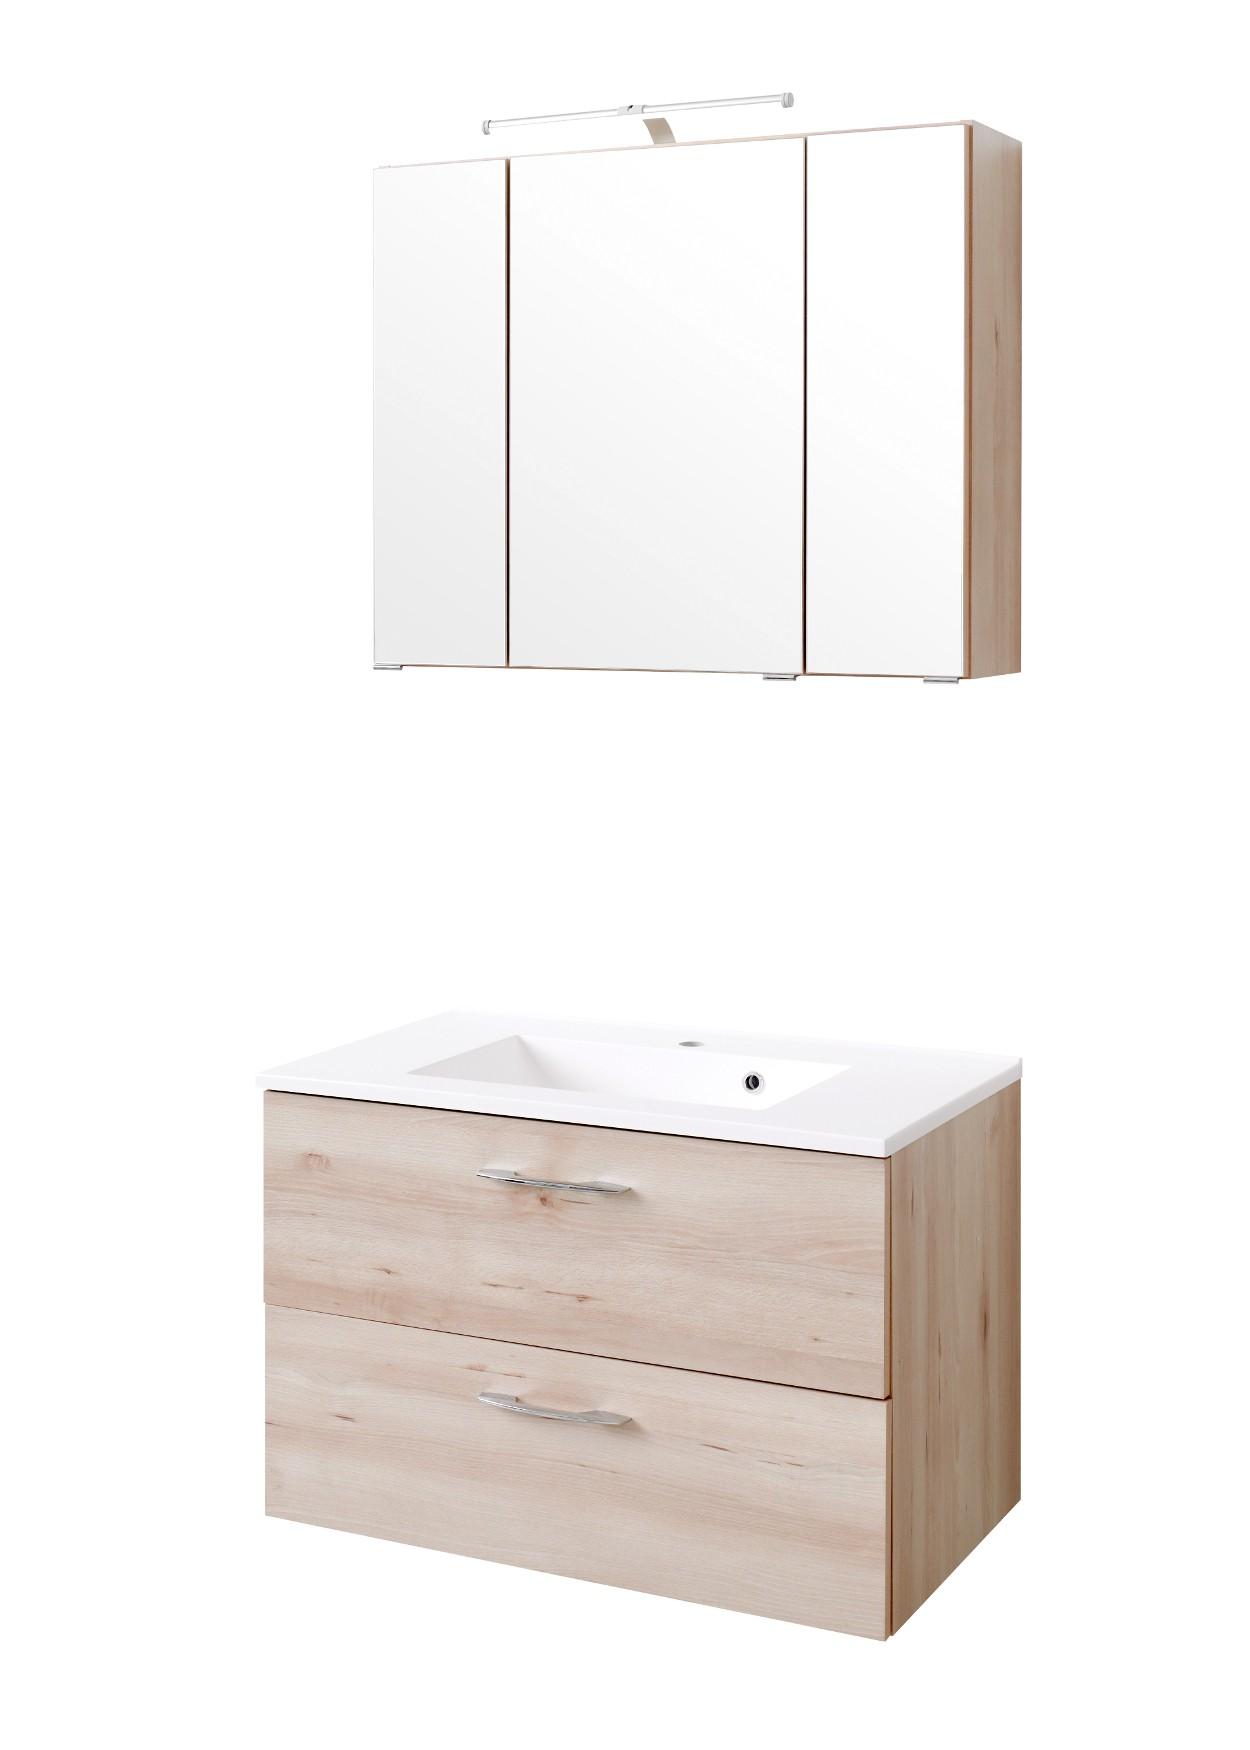 badm bel set portofino mit waschtisch 4 teilig 80 cm breit buche iconic bad badm belsets. Black Bedroom Furniture Sets. Home Design Ideas